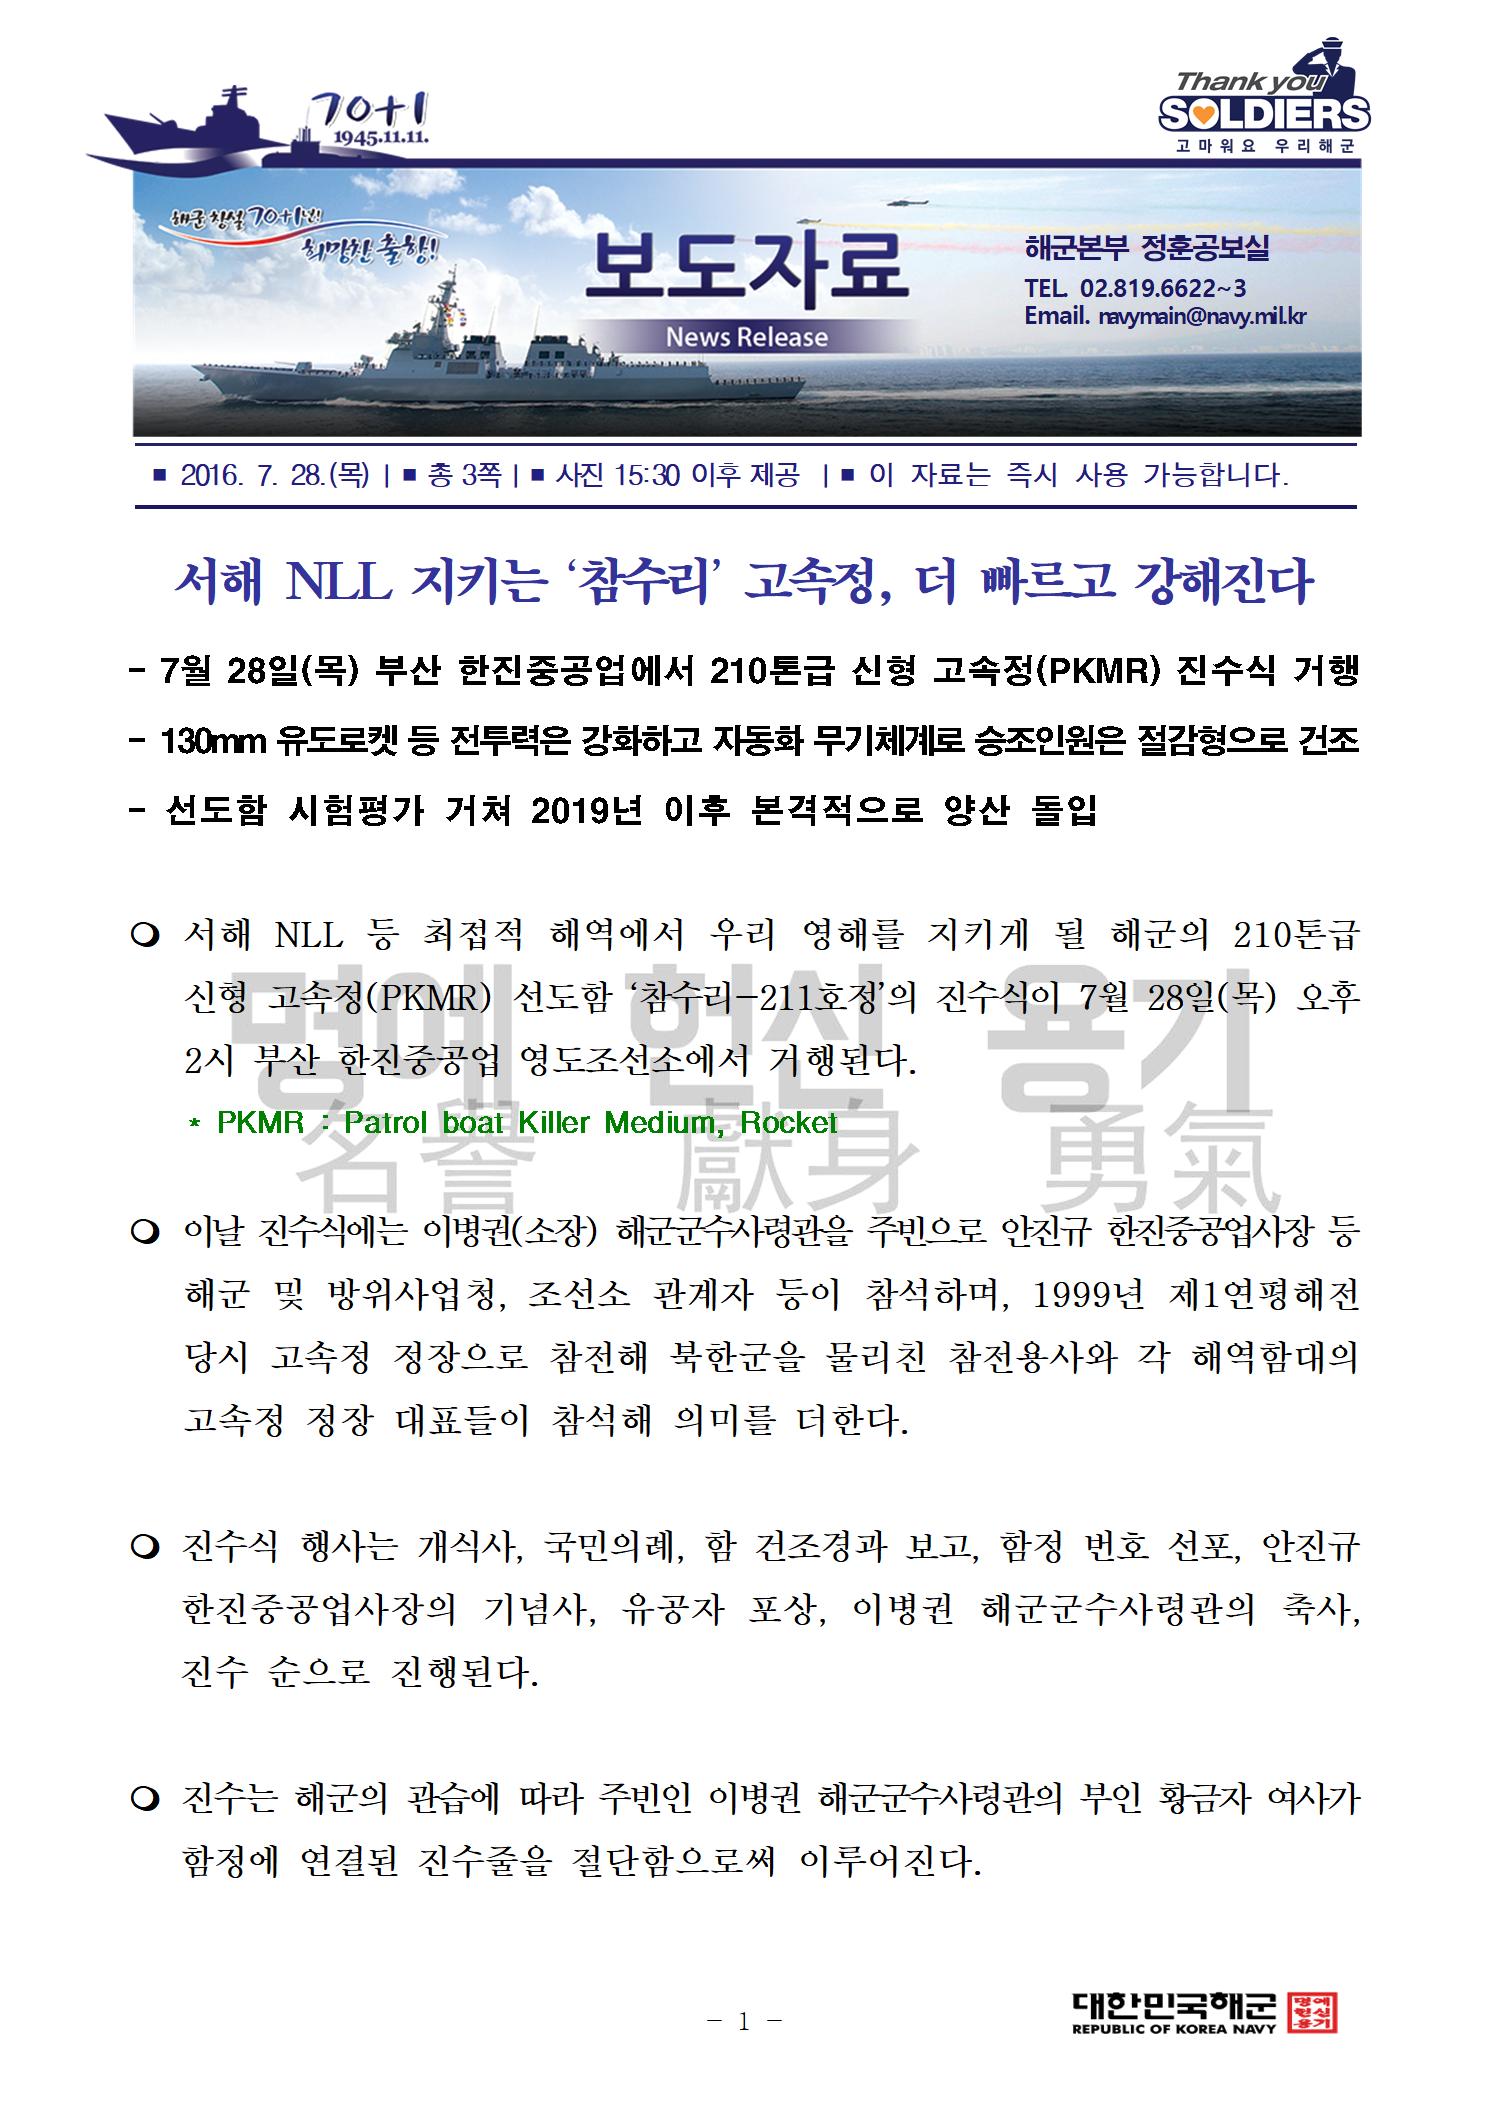 신형 고속정 PKMR 선도함 진수 보도자료001.png